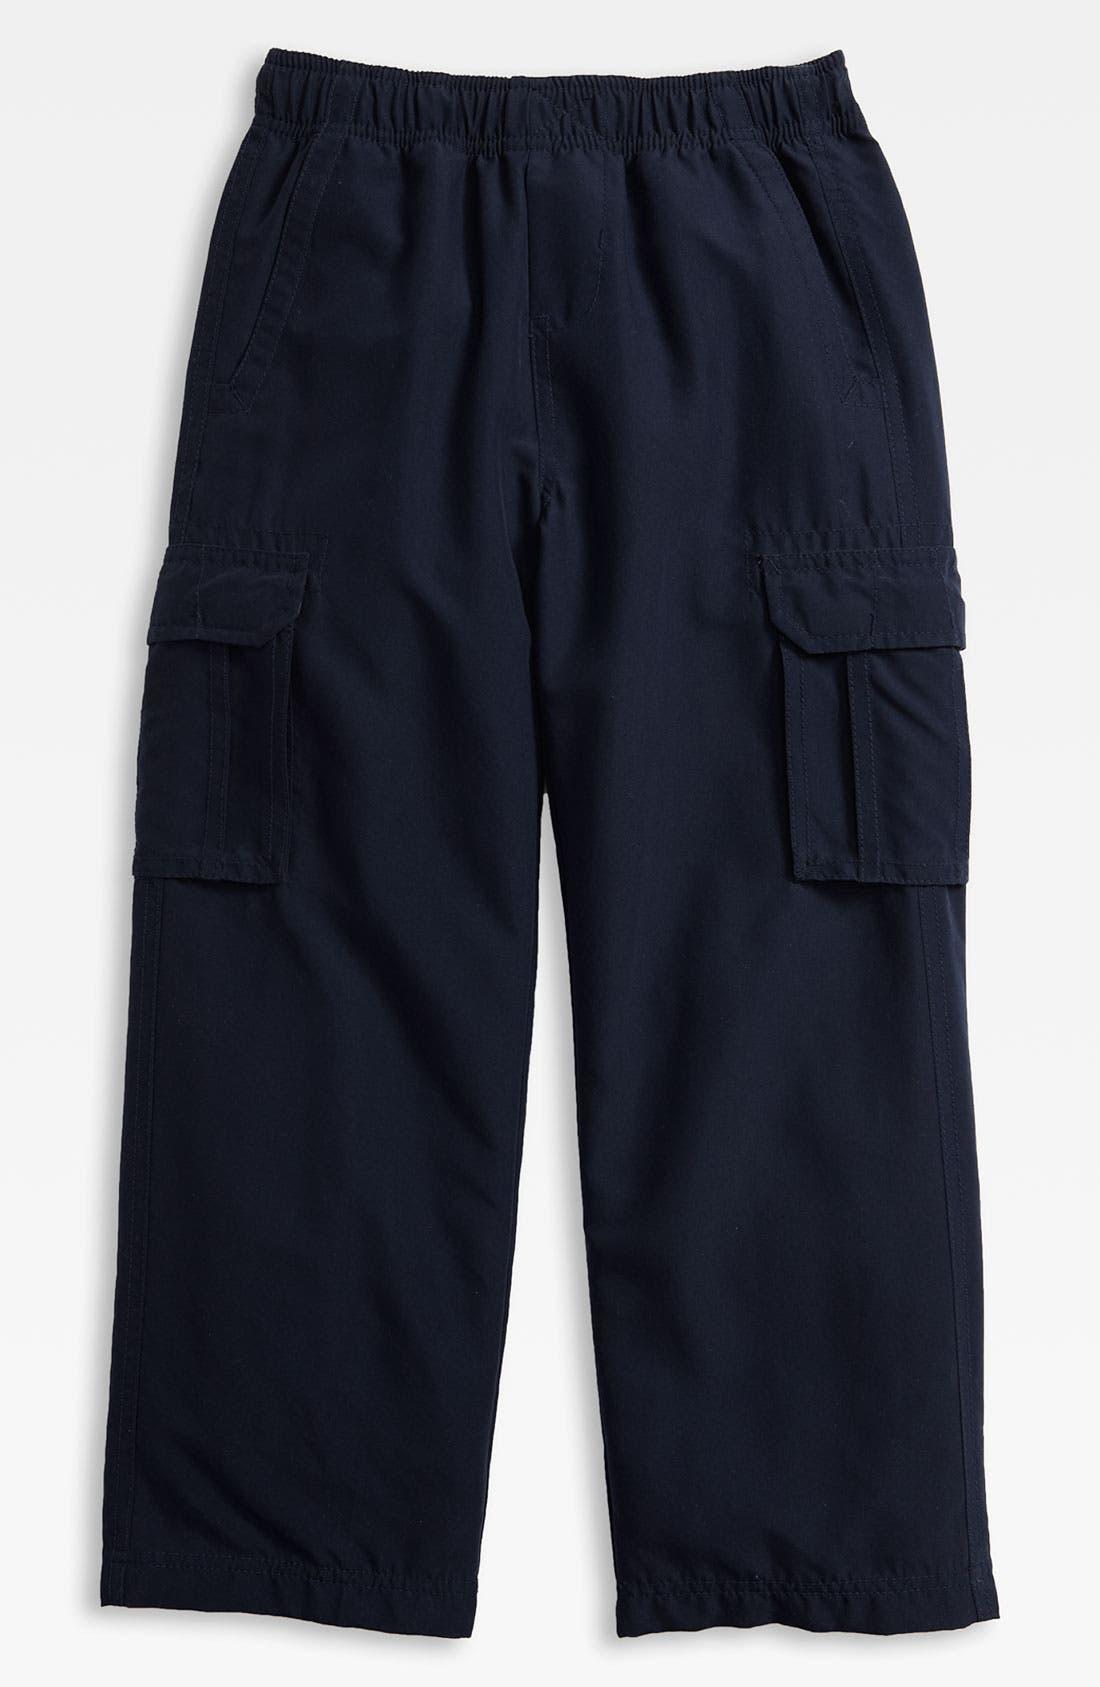 Main Image - Pure Stuff 'Summit' Cargo Pants (Little Boys)